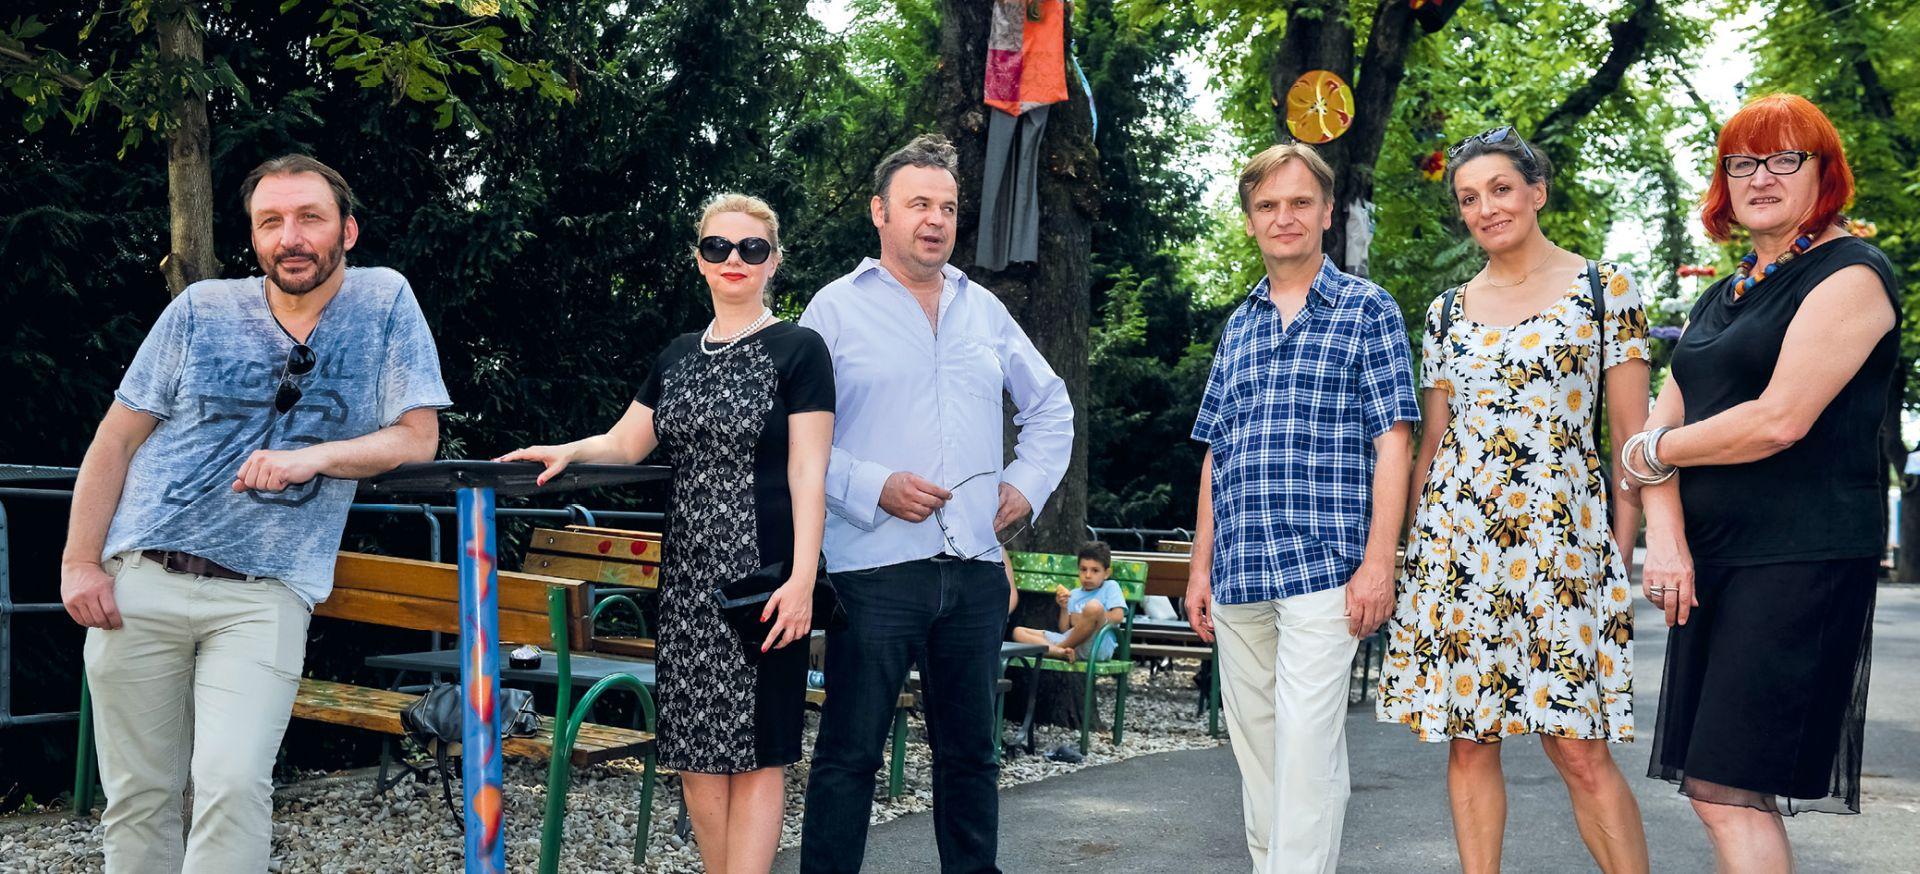 Što povezuje zagrebačke kulturnjake na suprotnim stranama političke arene